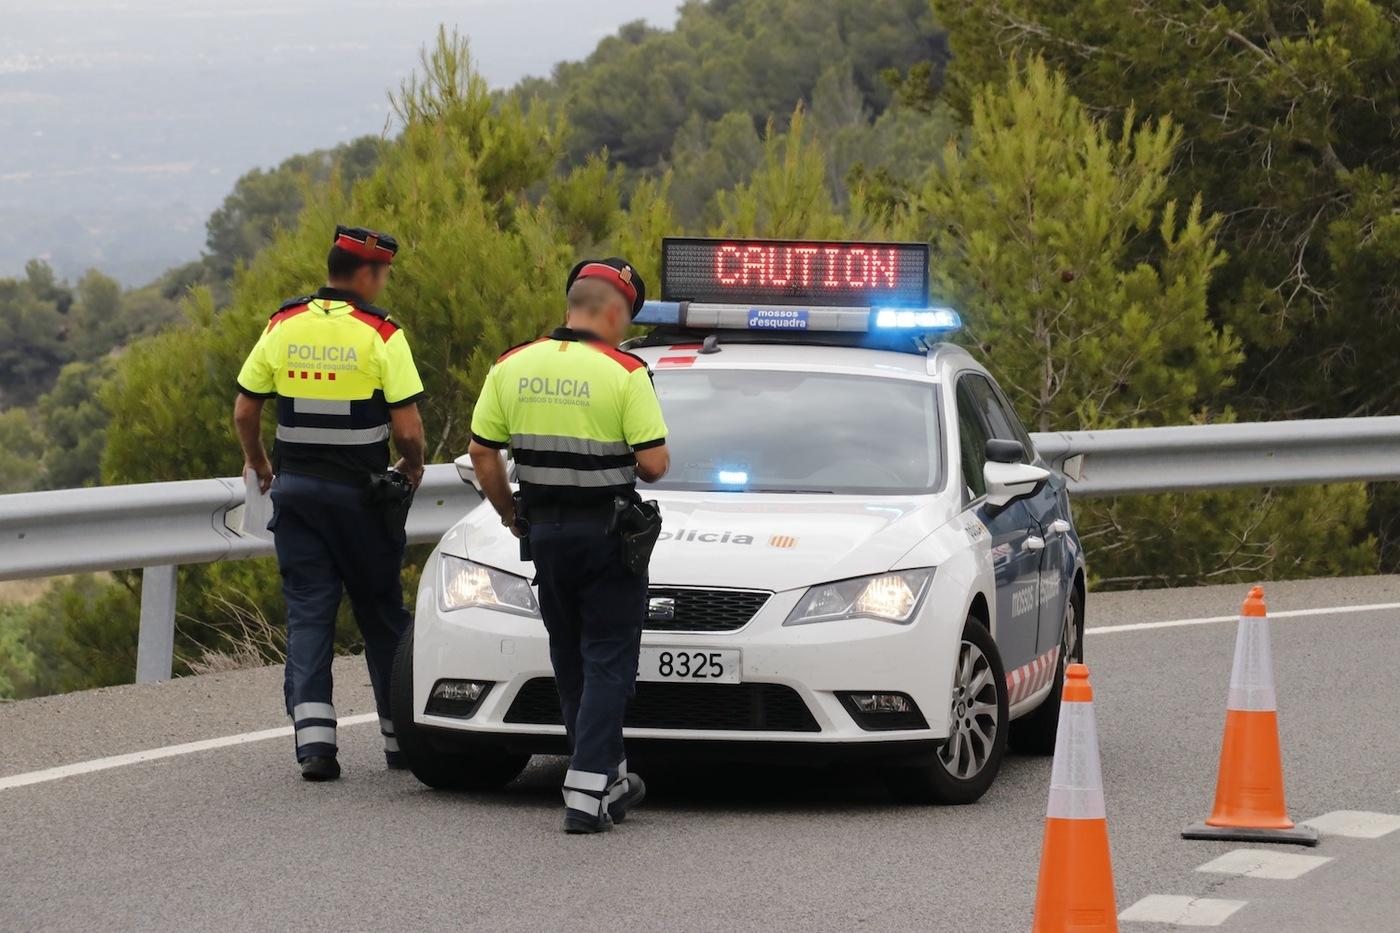 Un kamikaze de Vilallonga és detingut quan conduïa contra direcció a l'A-7